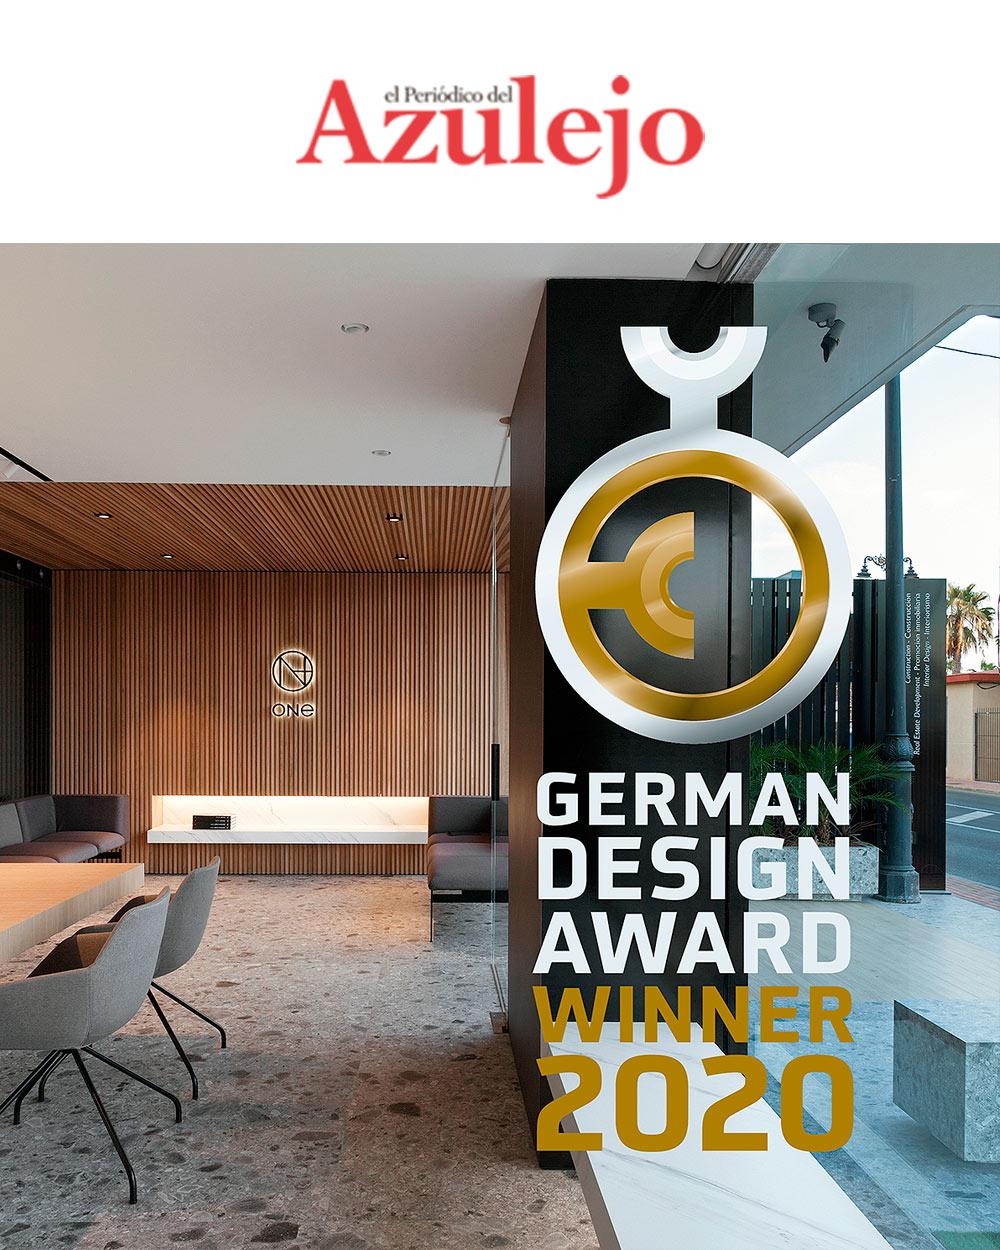 publicacion-elpreriodicodelazulejo_Premio-German-Design-Award_Manuel-García-Asociados